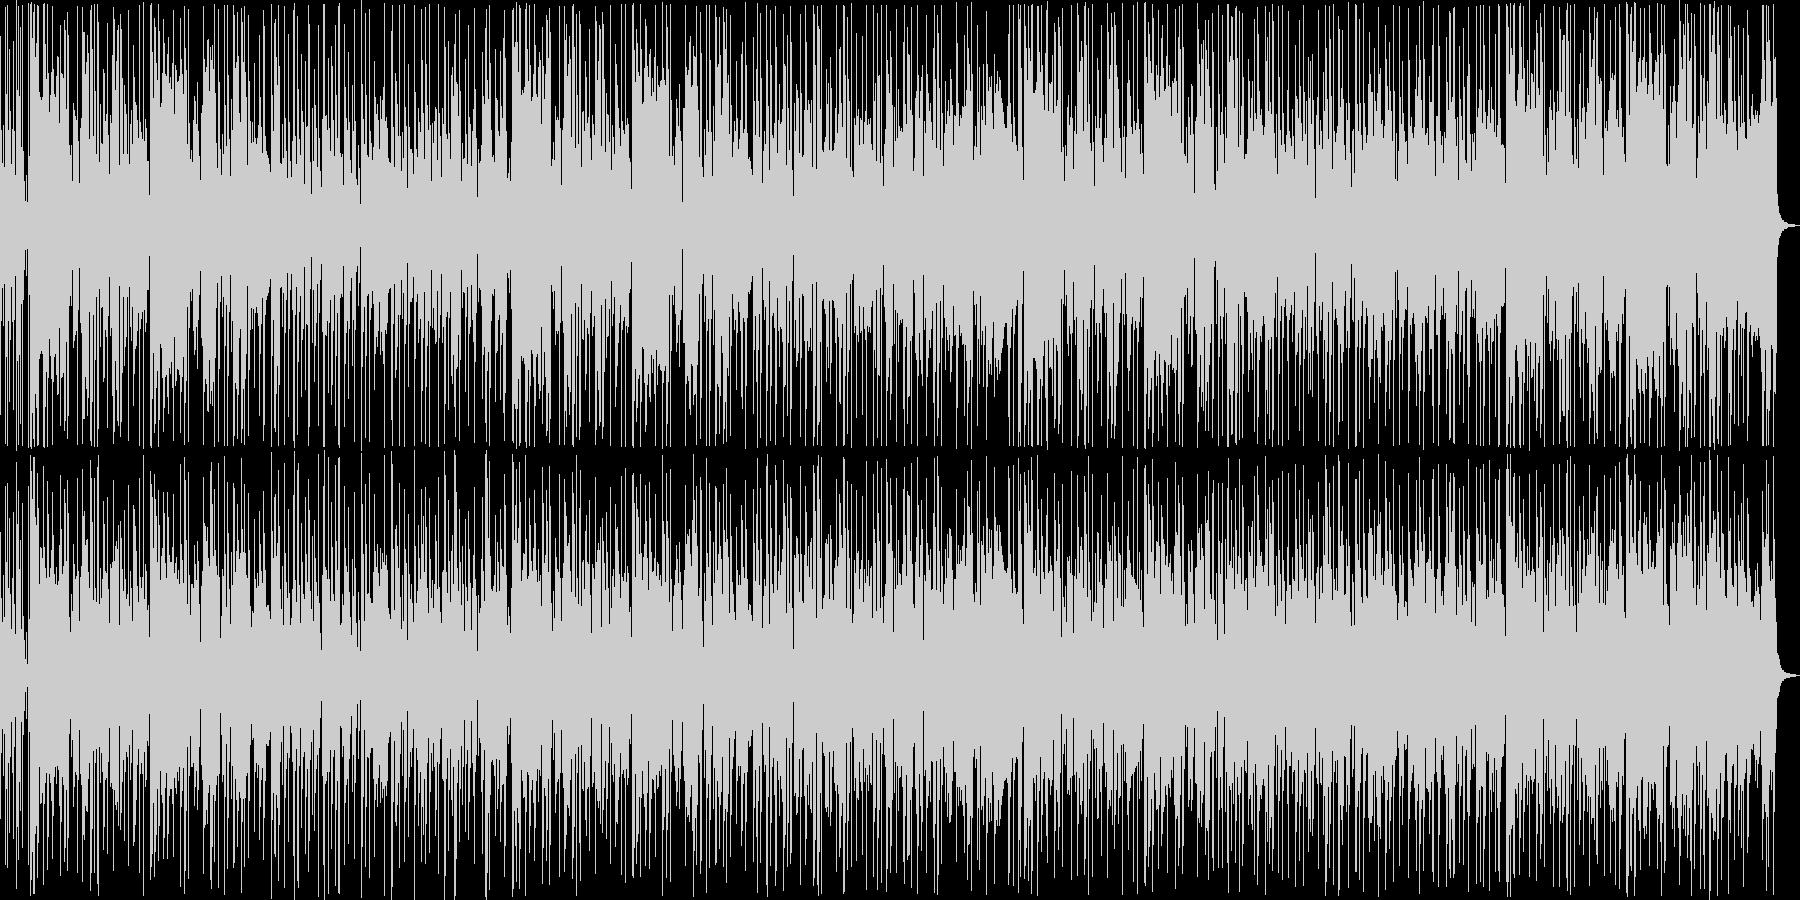 クールでおしゃれなファンクトラックの未再生の波形